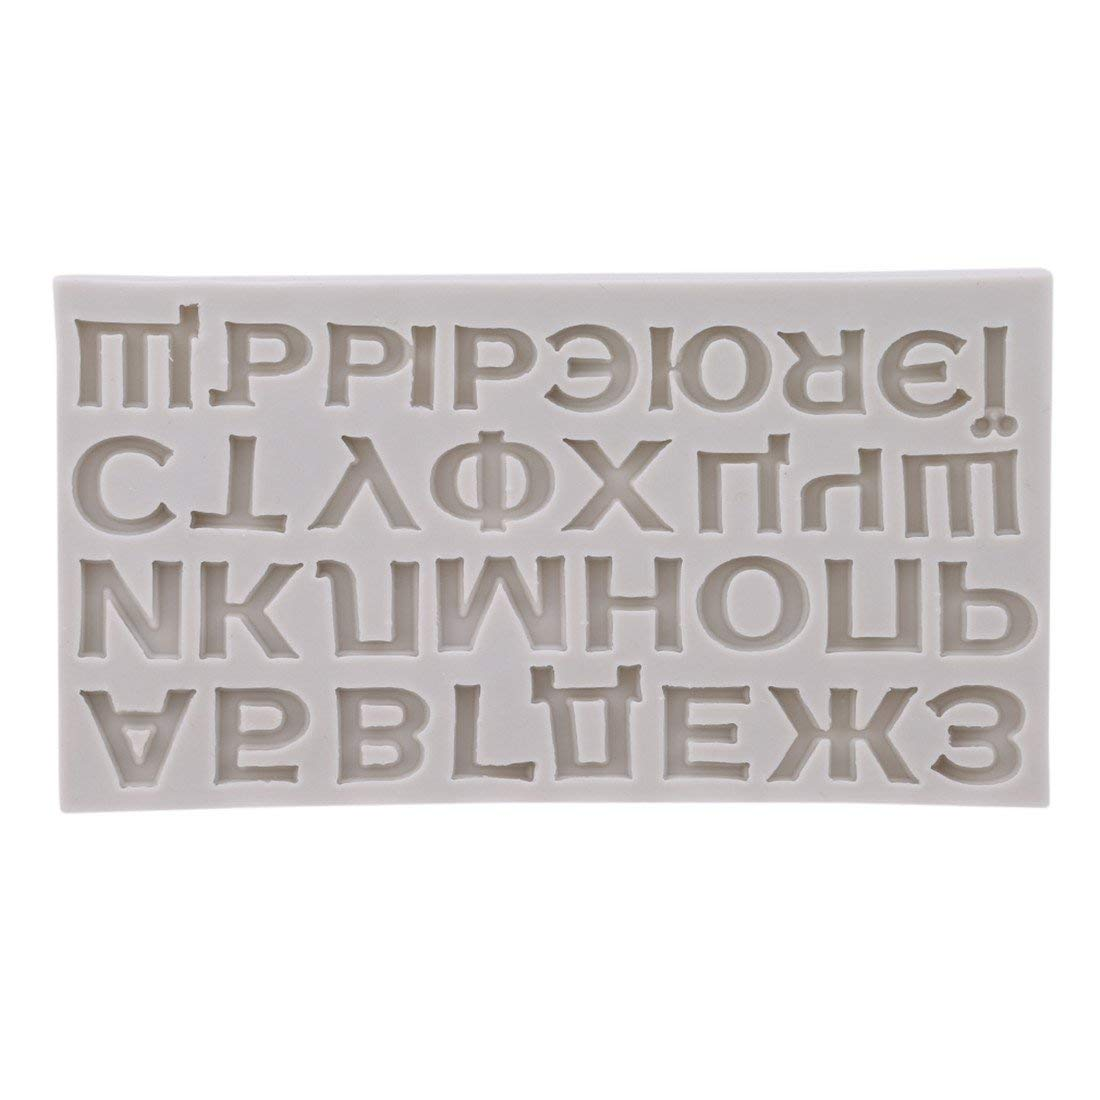 Fliyeong Premium Qualit/ät Russische Alphabet Kuchenform 3D DIY Kuchen Fondant Schokolade Pl/ätzchenform Sugarcraft Dekorieren Form Backenwerkzeuge